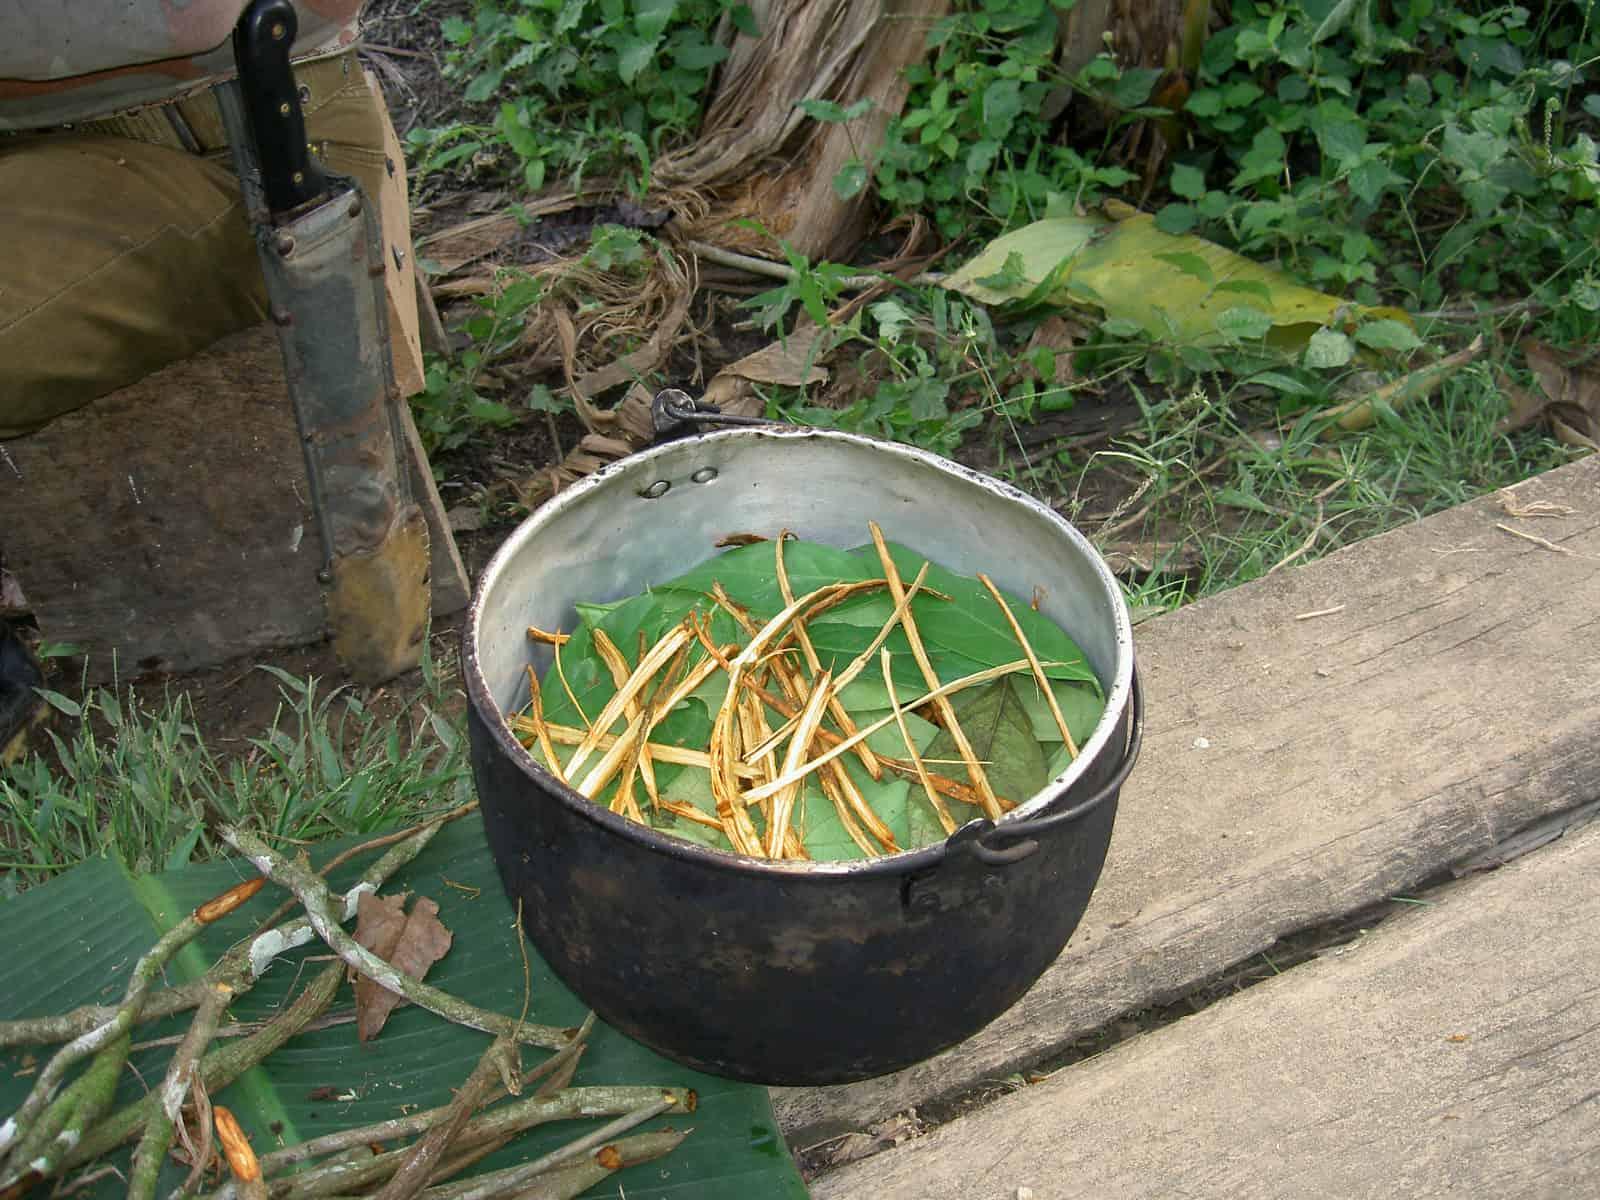 Az ayahuasca pszichoaktív főzet, erősen hallicinogén szer, mely használatát sámán felügyeli és irányítja a belső mélységeinkbe való utazásunkat.